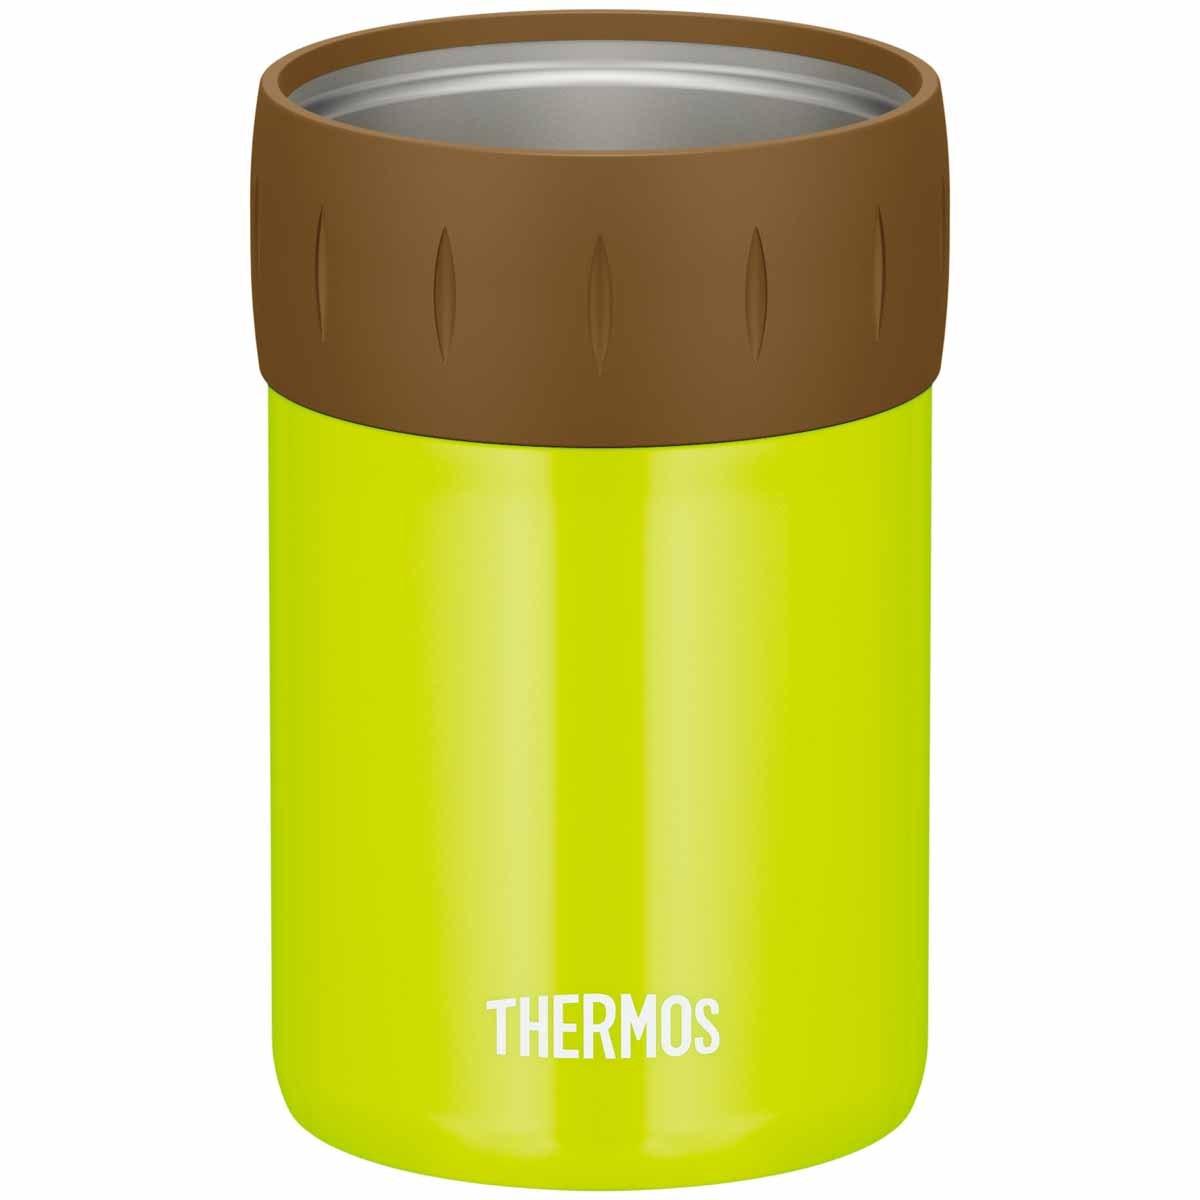 サーモス THERMOS 保冷缶ホルダー 350ml缶用 ライムグリーン